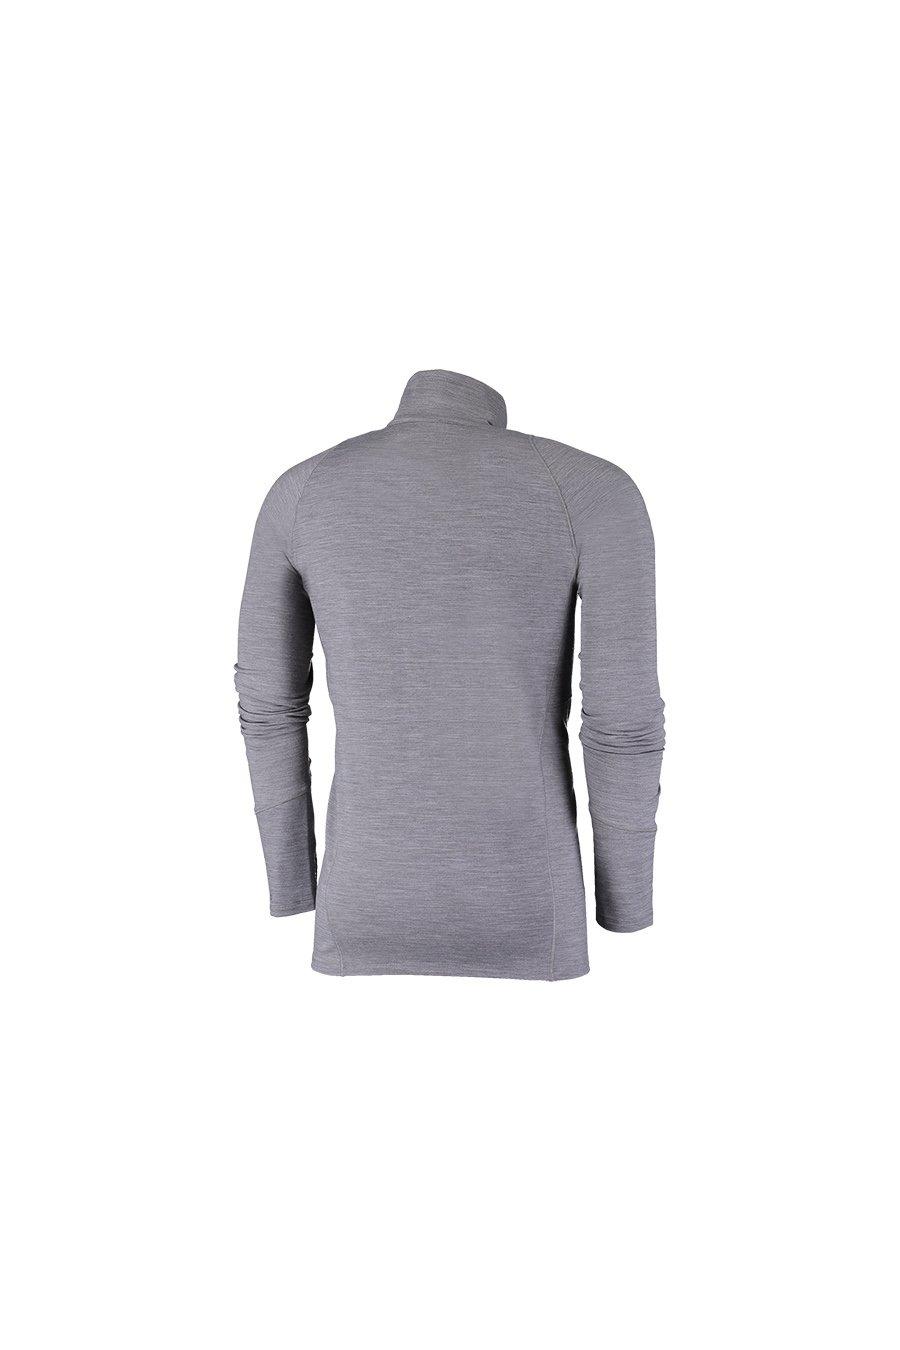 Regatta Herren Rot Thompson 1//2 Zip Warm Fleece Top Sweatshirt Outdoor Pullover